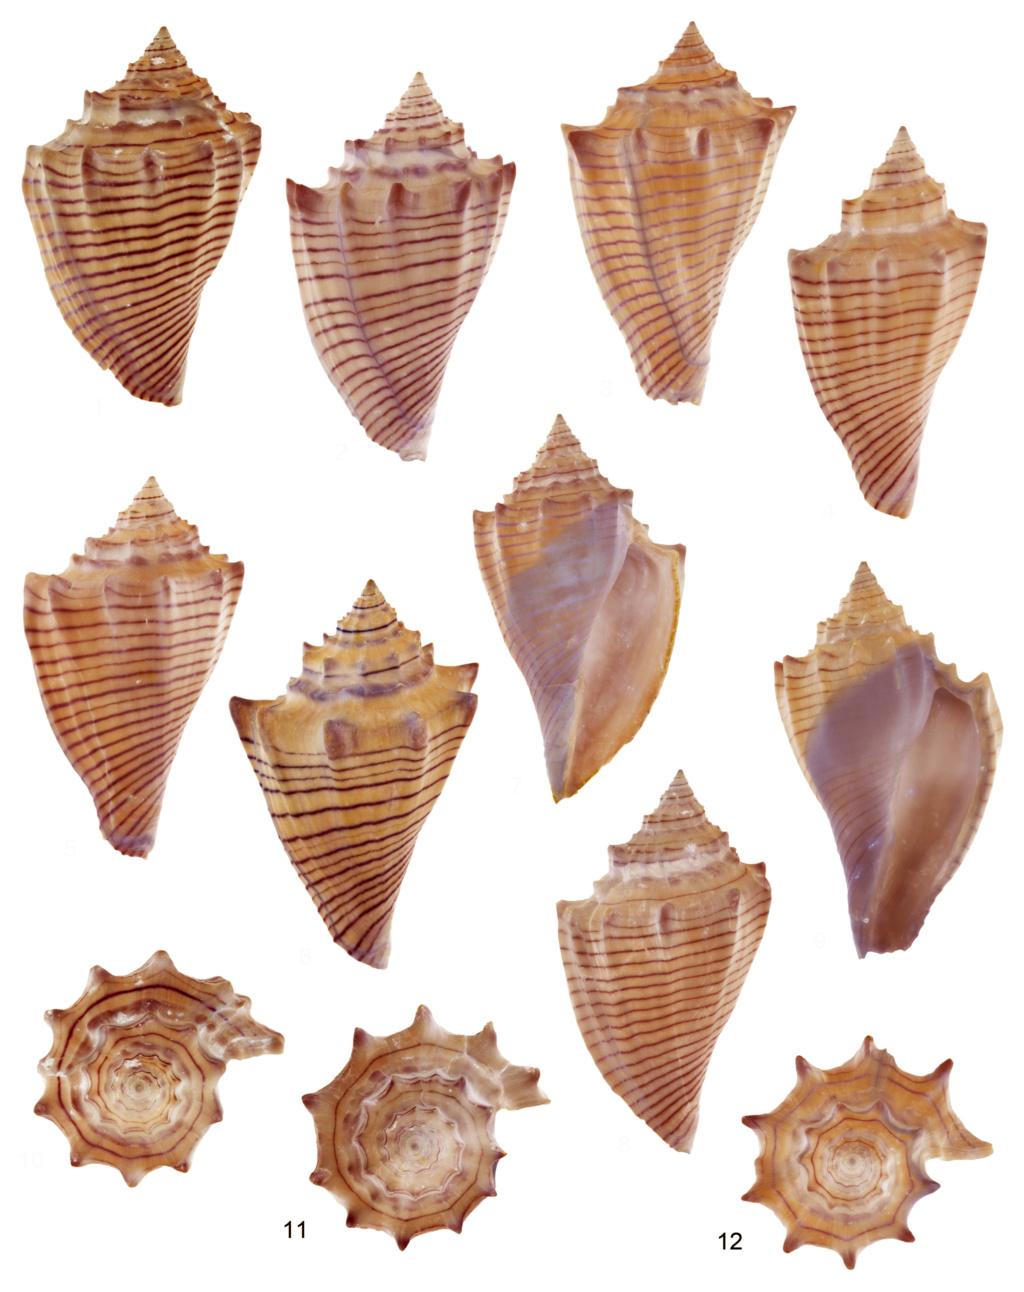 Volutidae - † Athleta (Volutospina) spinosa (Harzhauser, 2009) - (Bassin parisien / Fleury la Rivière 51) Planch16